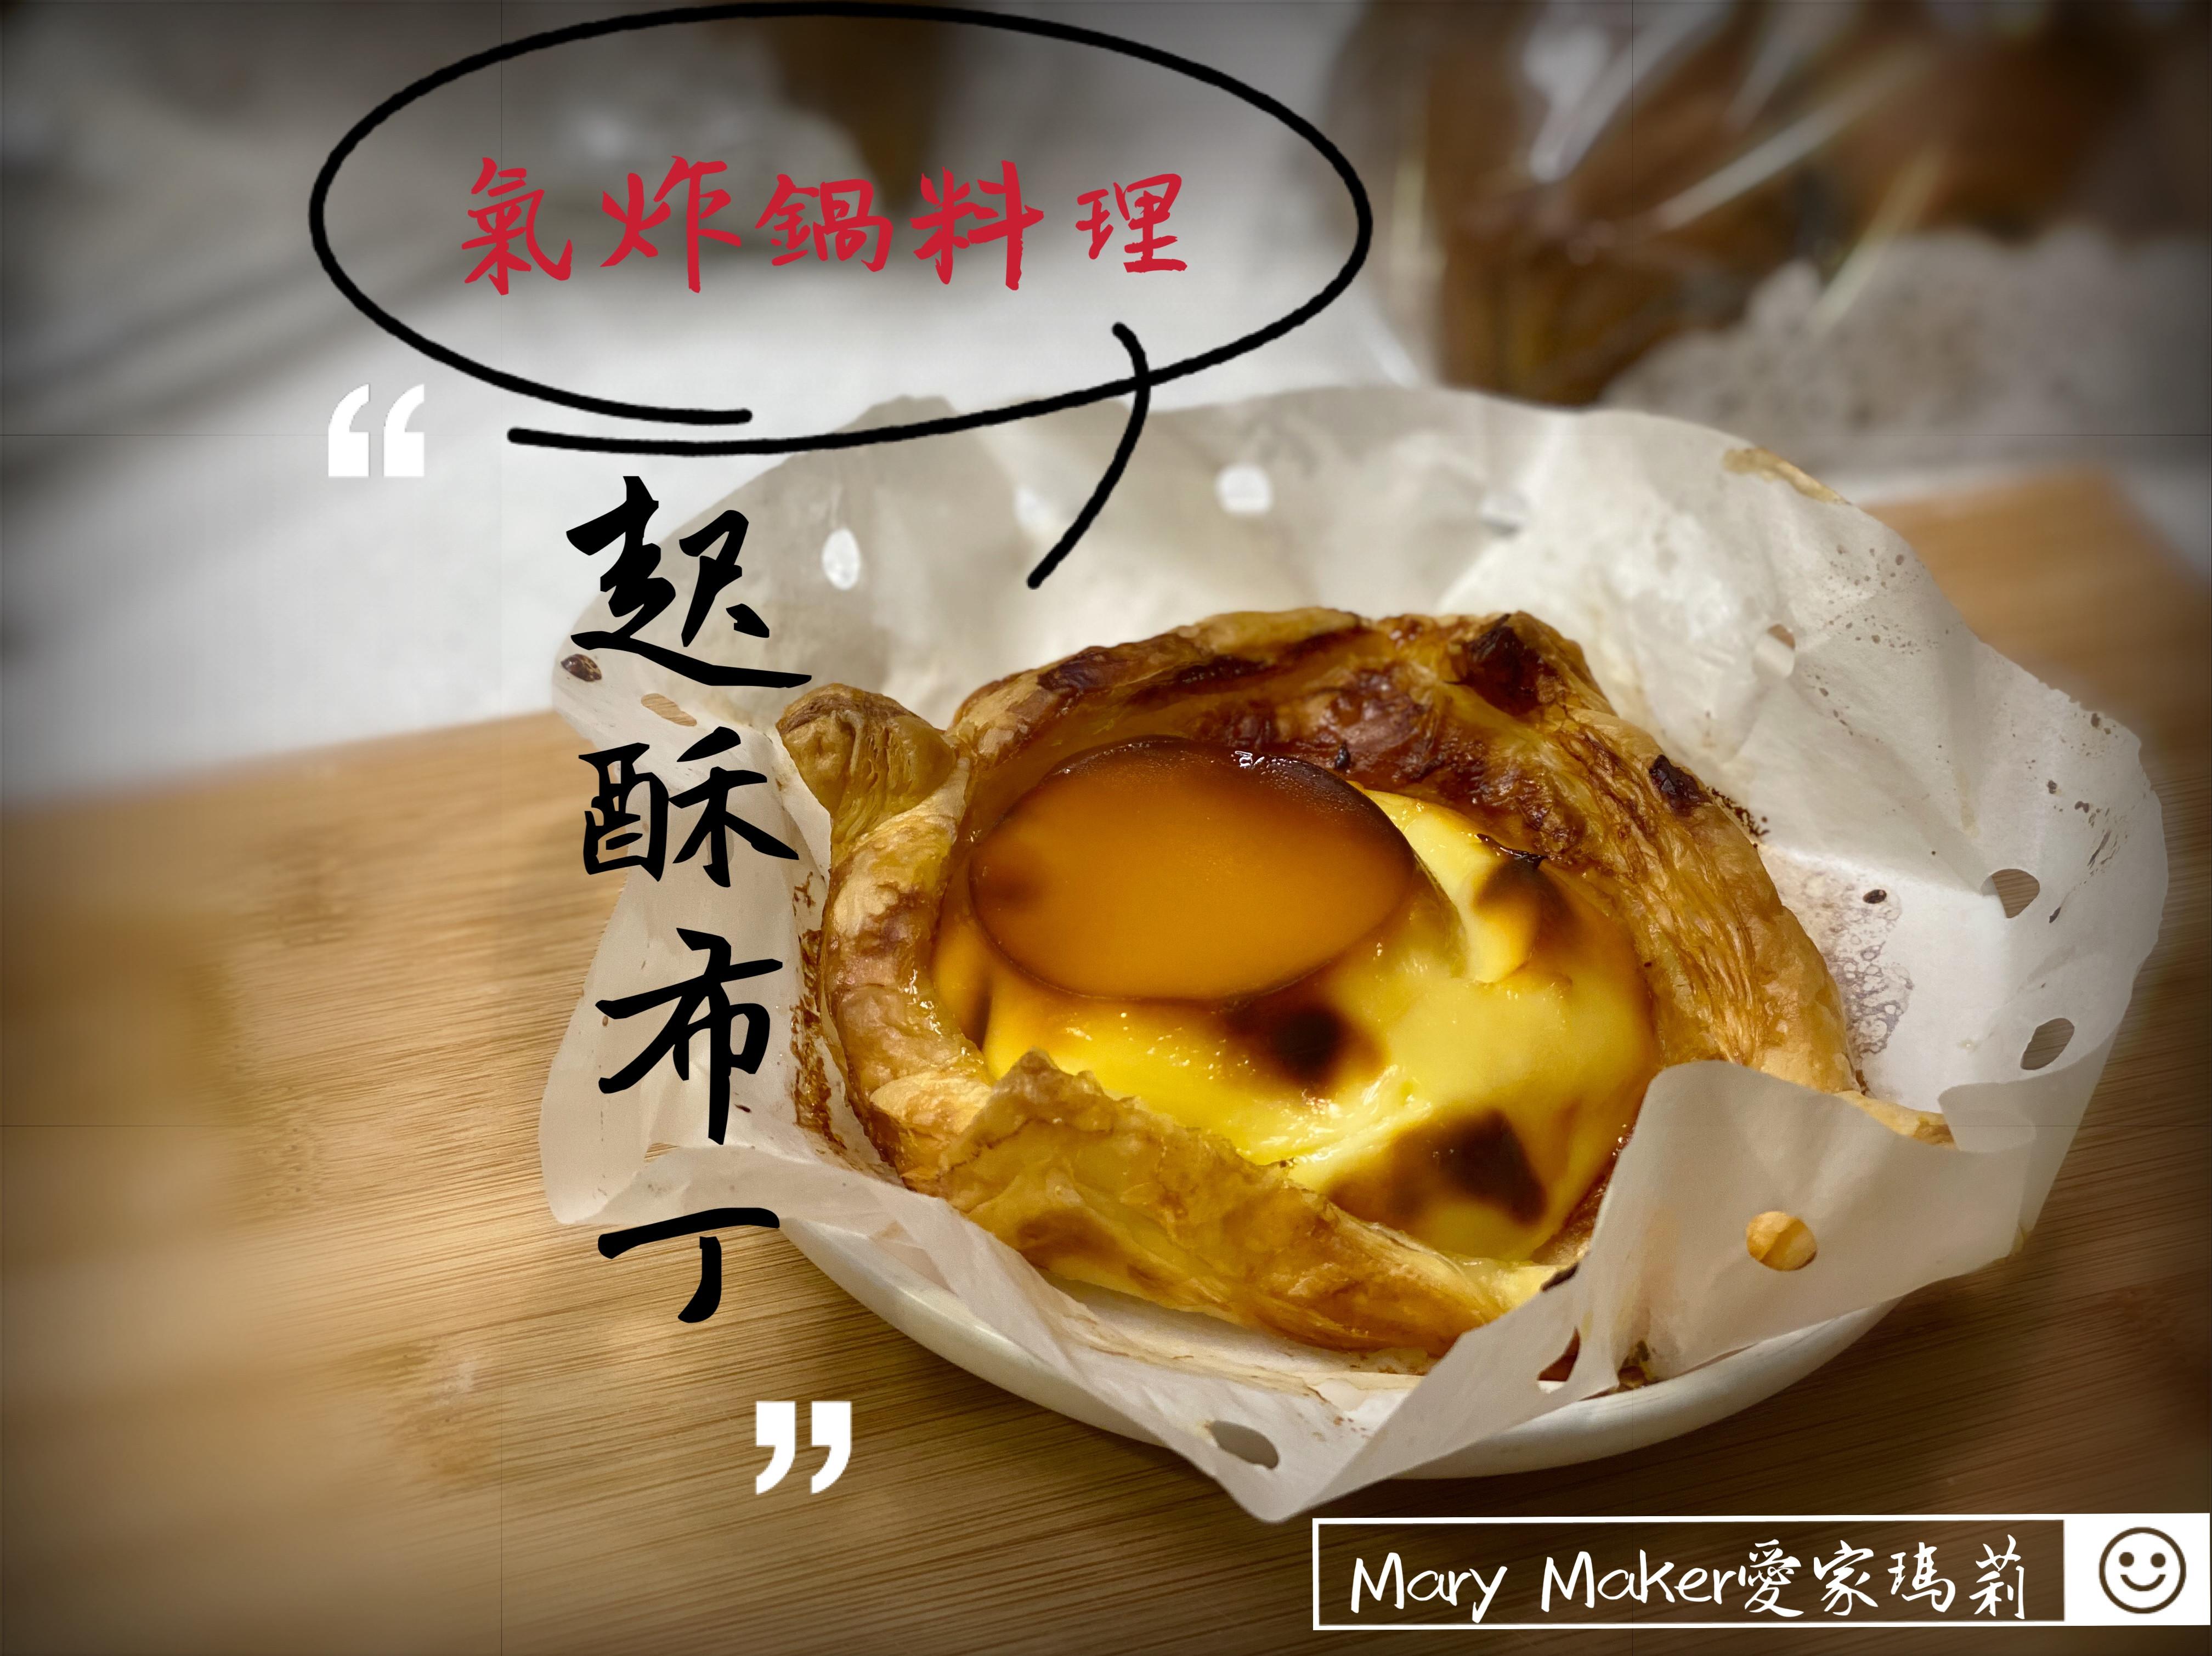 超簡單!氣炸鍋料理之起酥布丁🤩影片實作